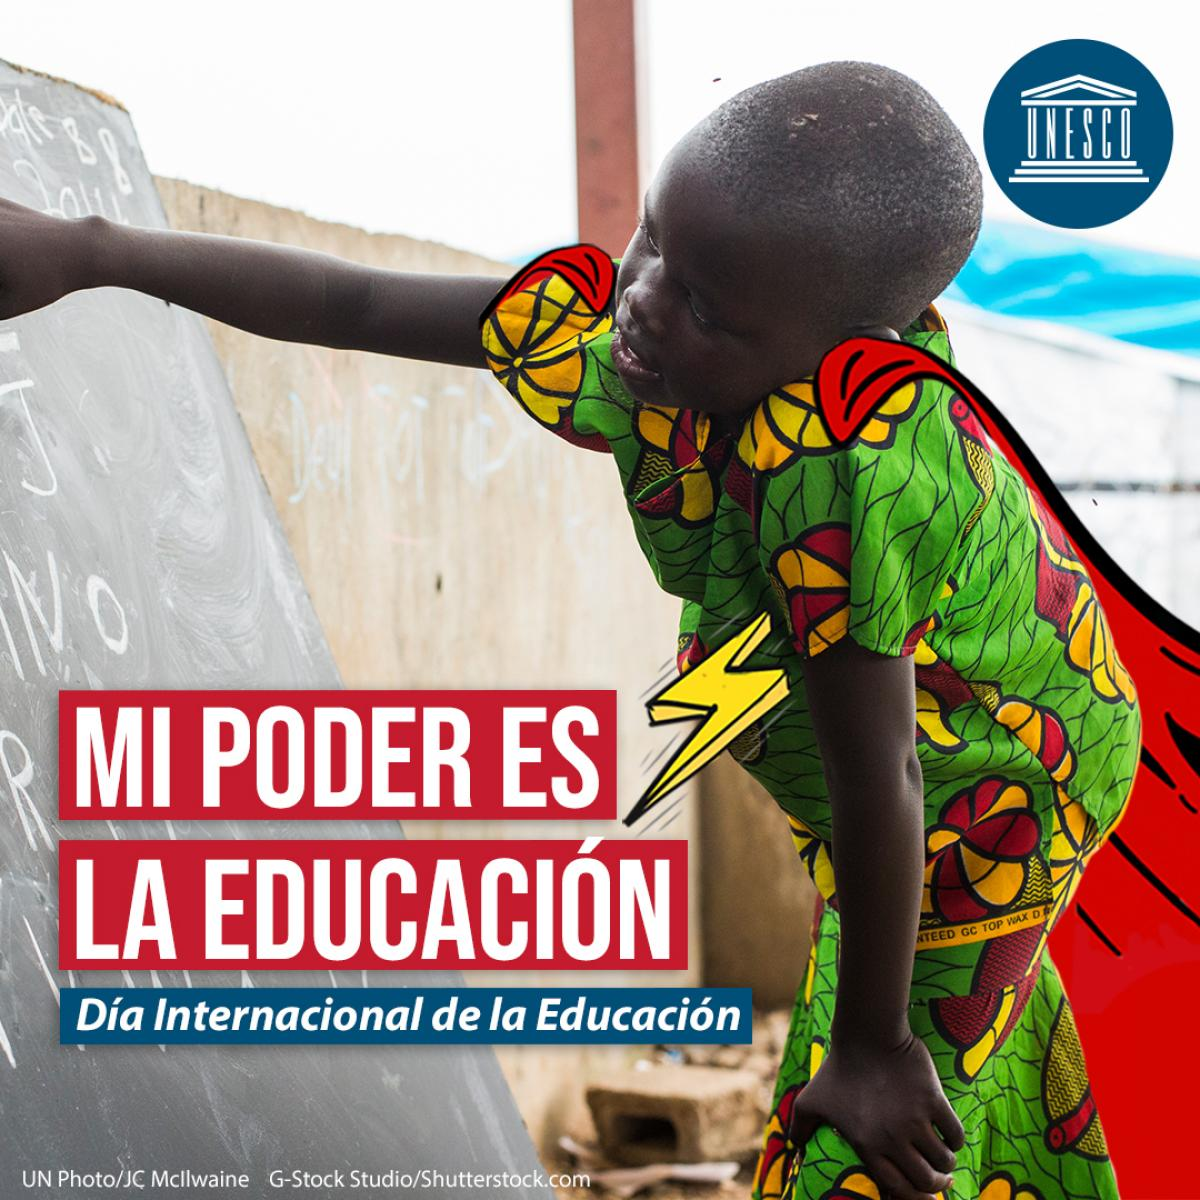 Cartel oficial del Día Internacional de la Educación.